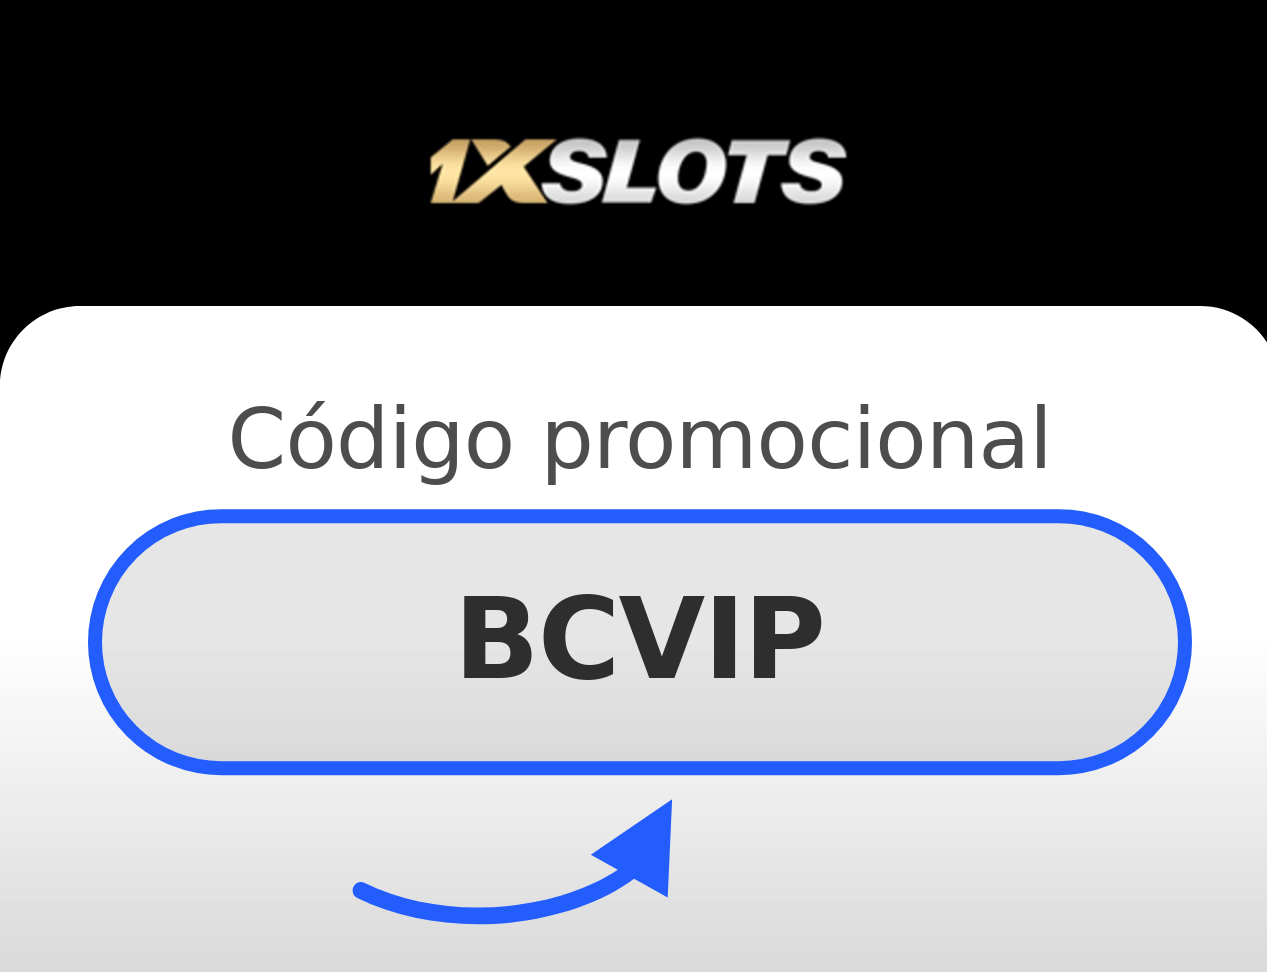 1xSlots Código Promocional